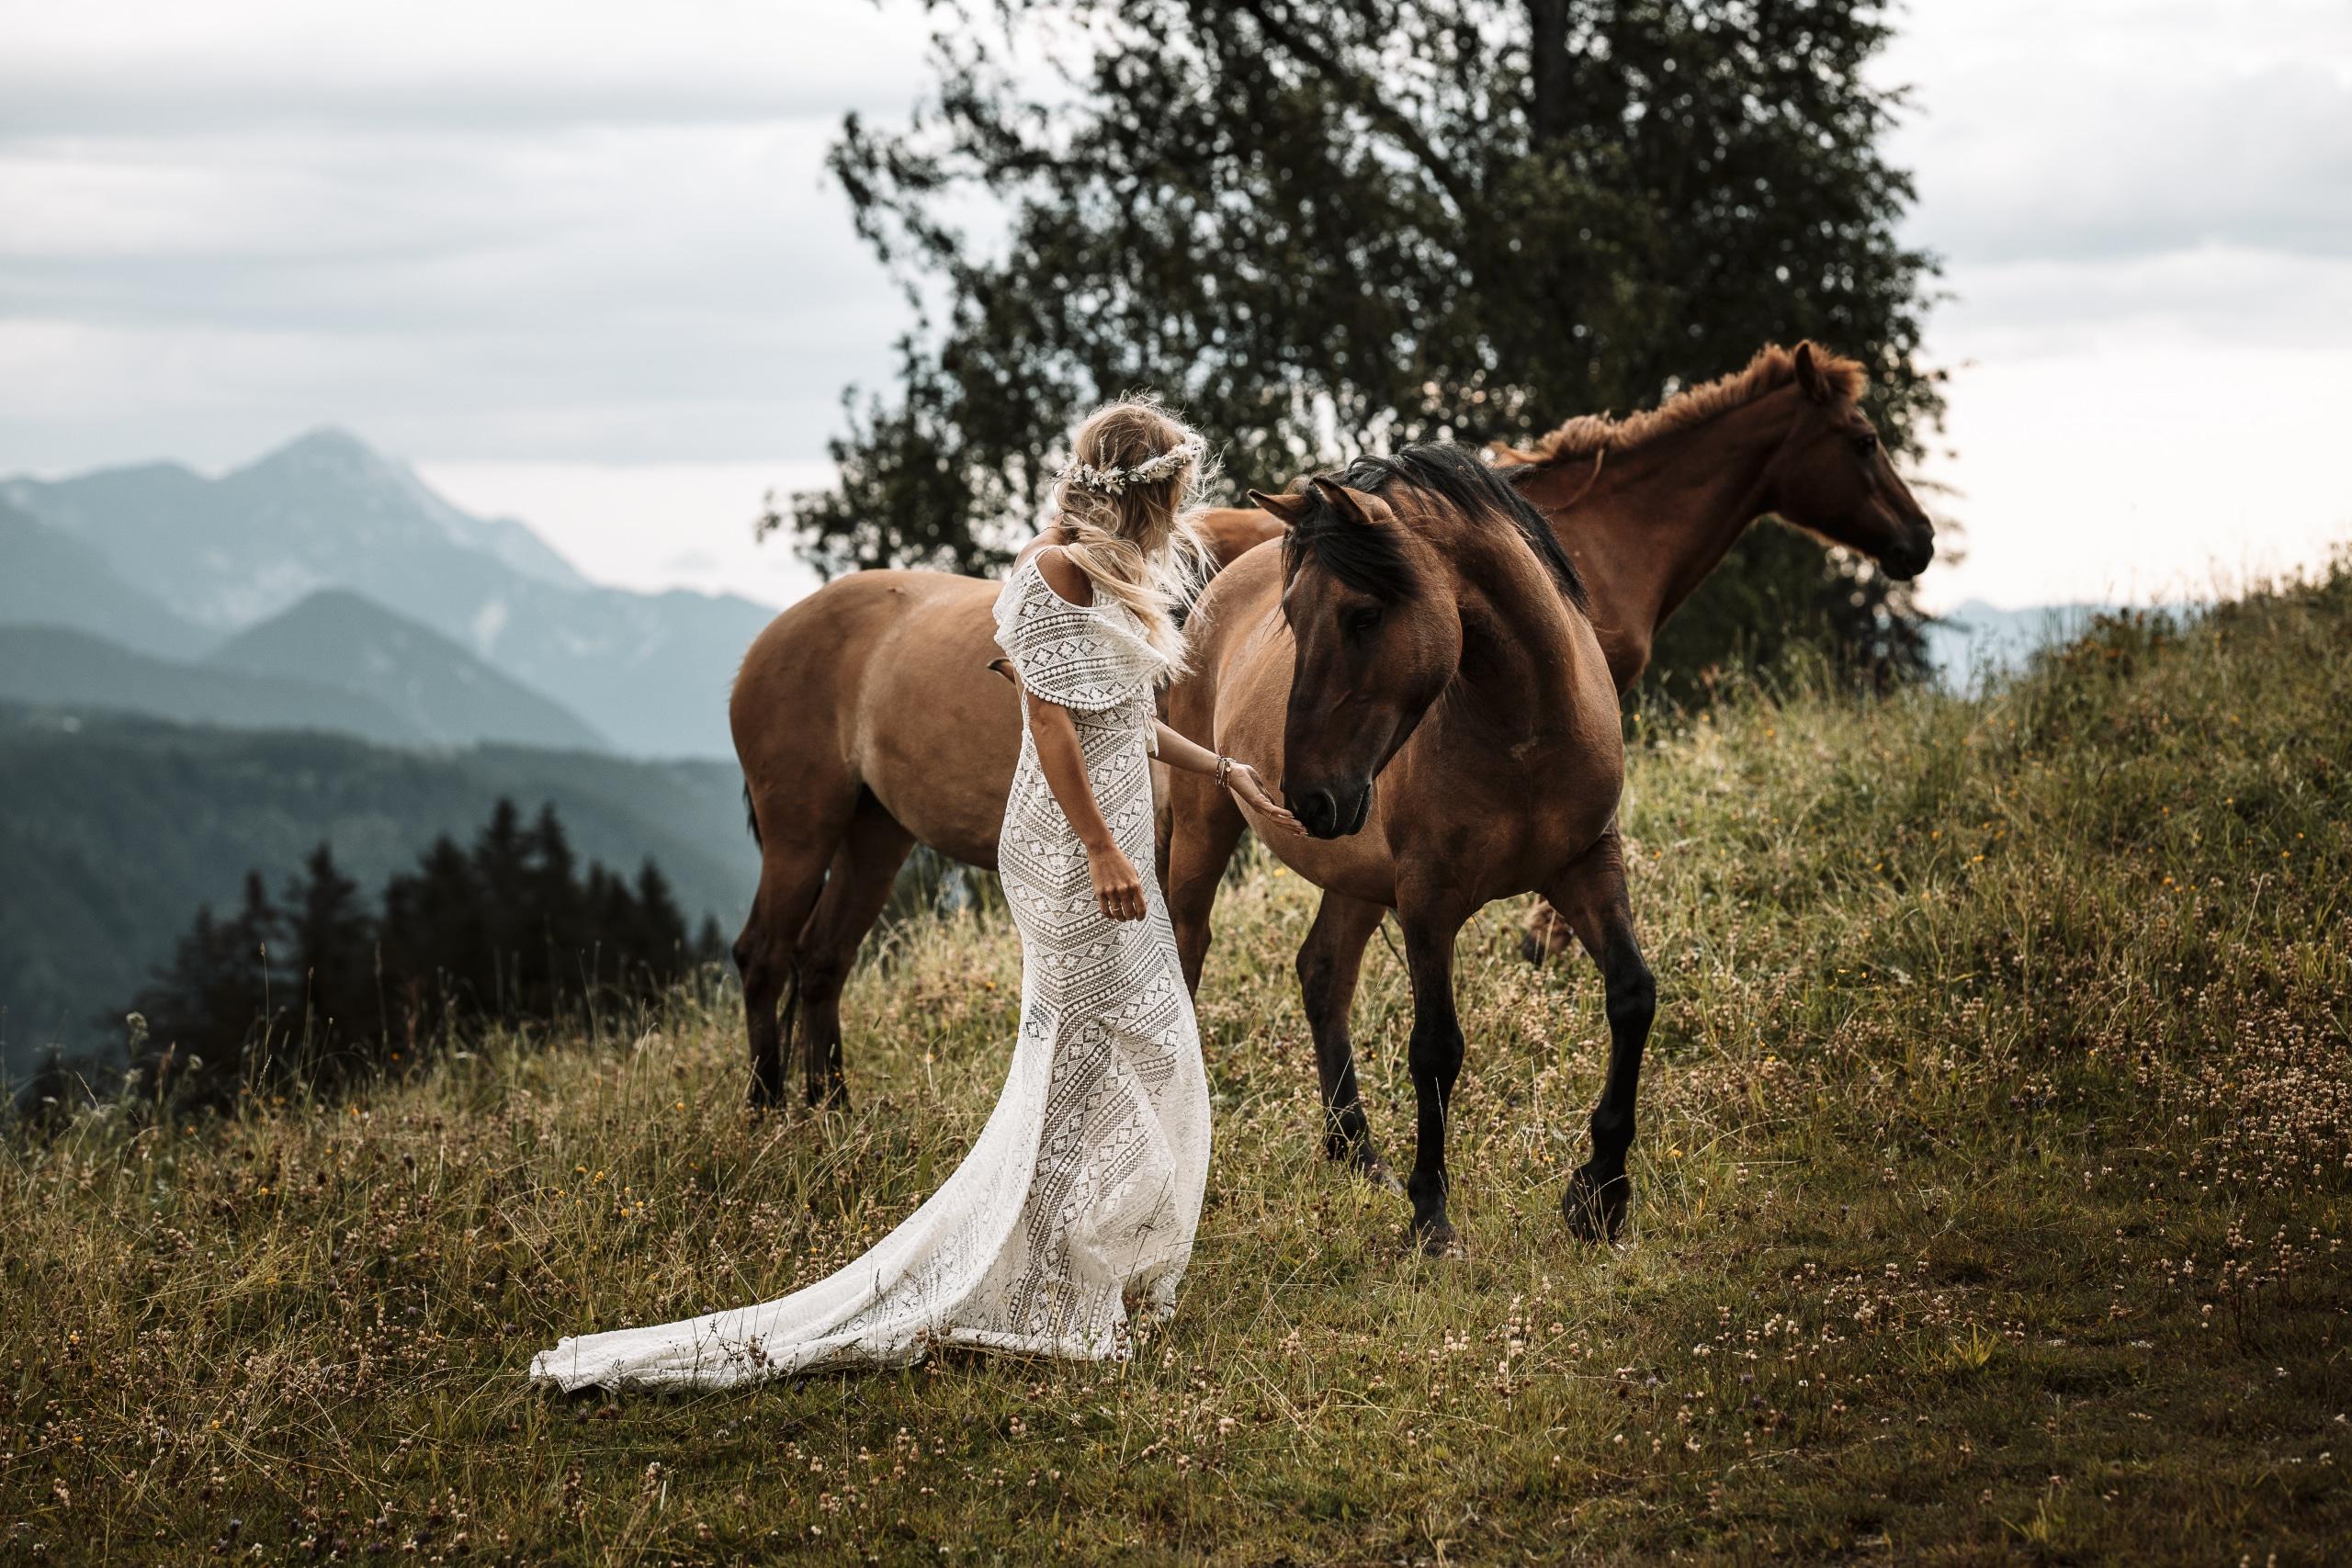 Vintagehochzeit in der Natur, Vintagebraut mit Pferden auf der Wiese